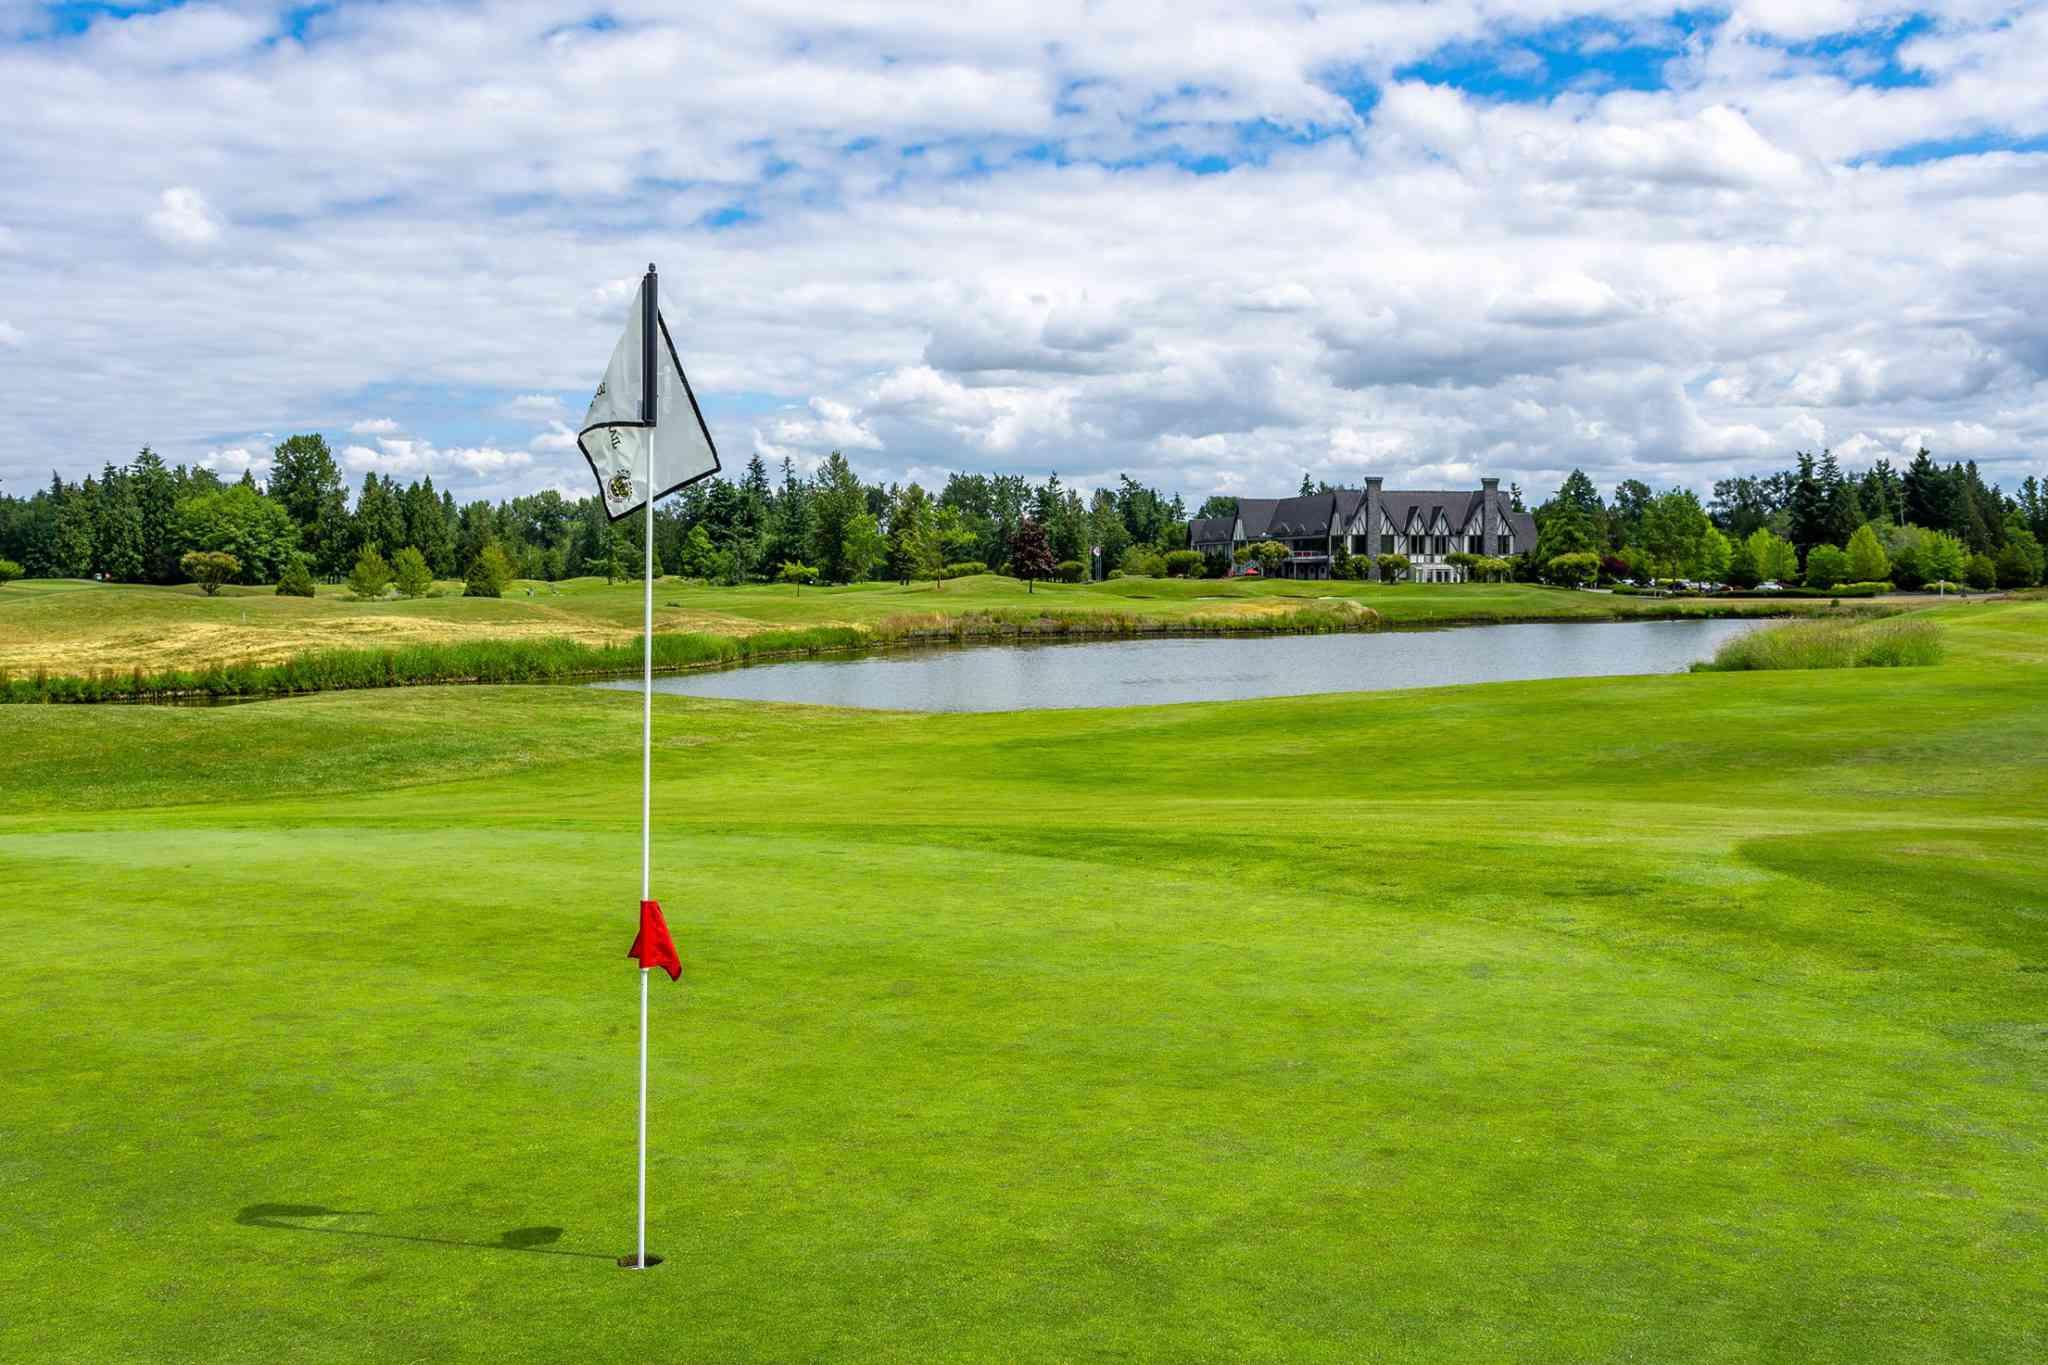 Bandera en el hoyo de golf en Loomis Trail